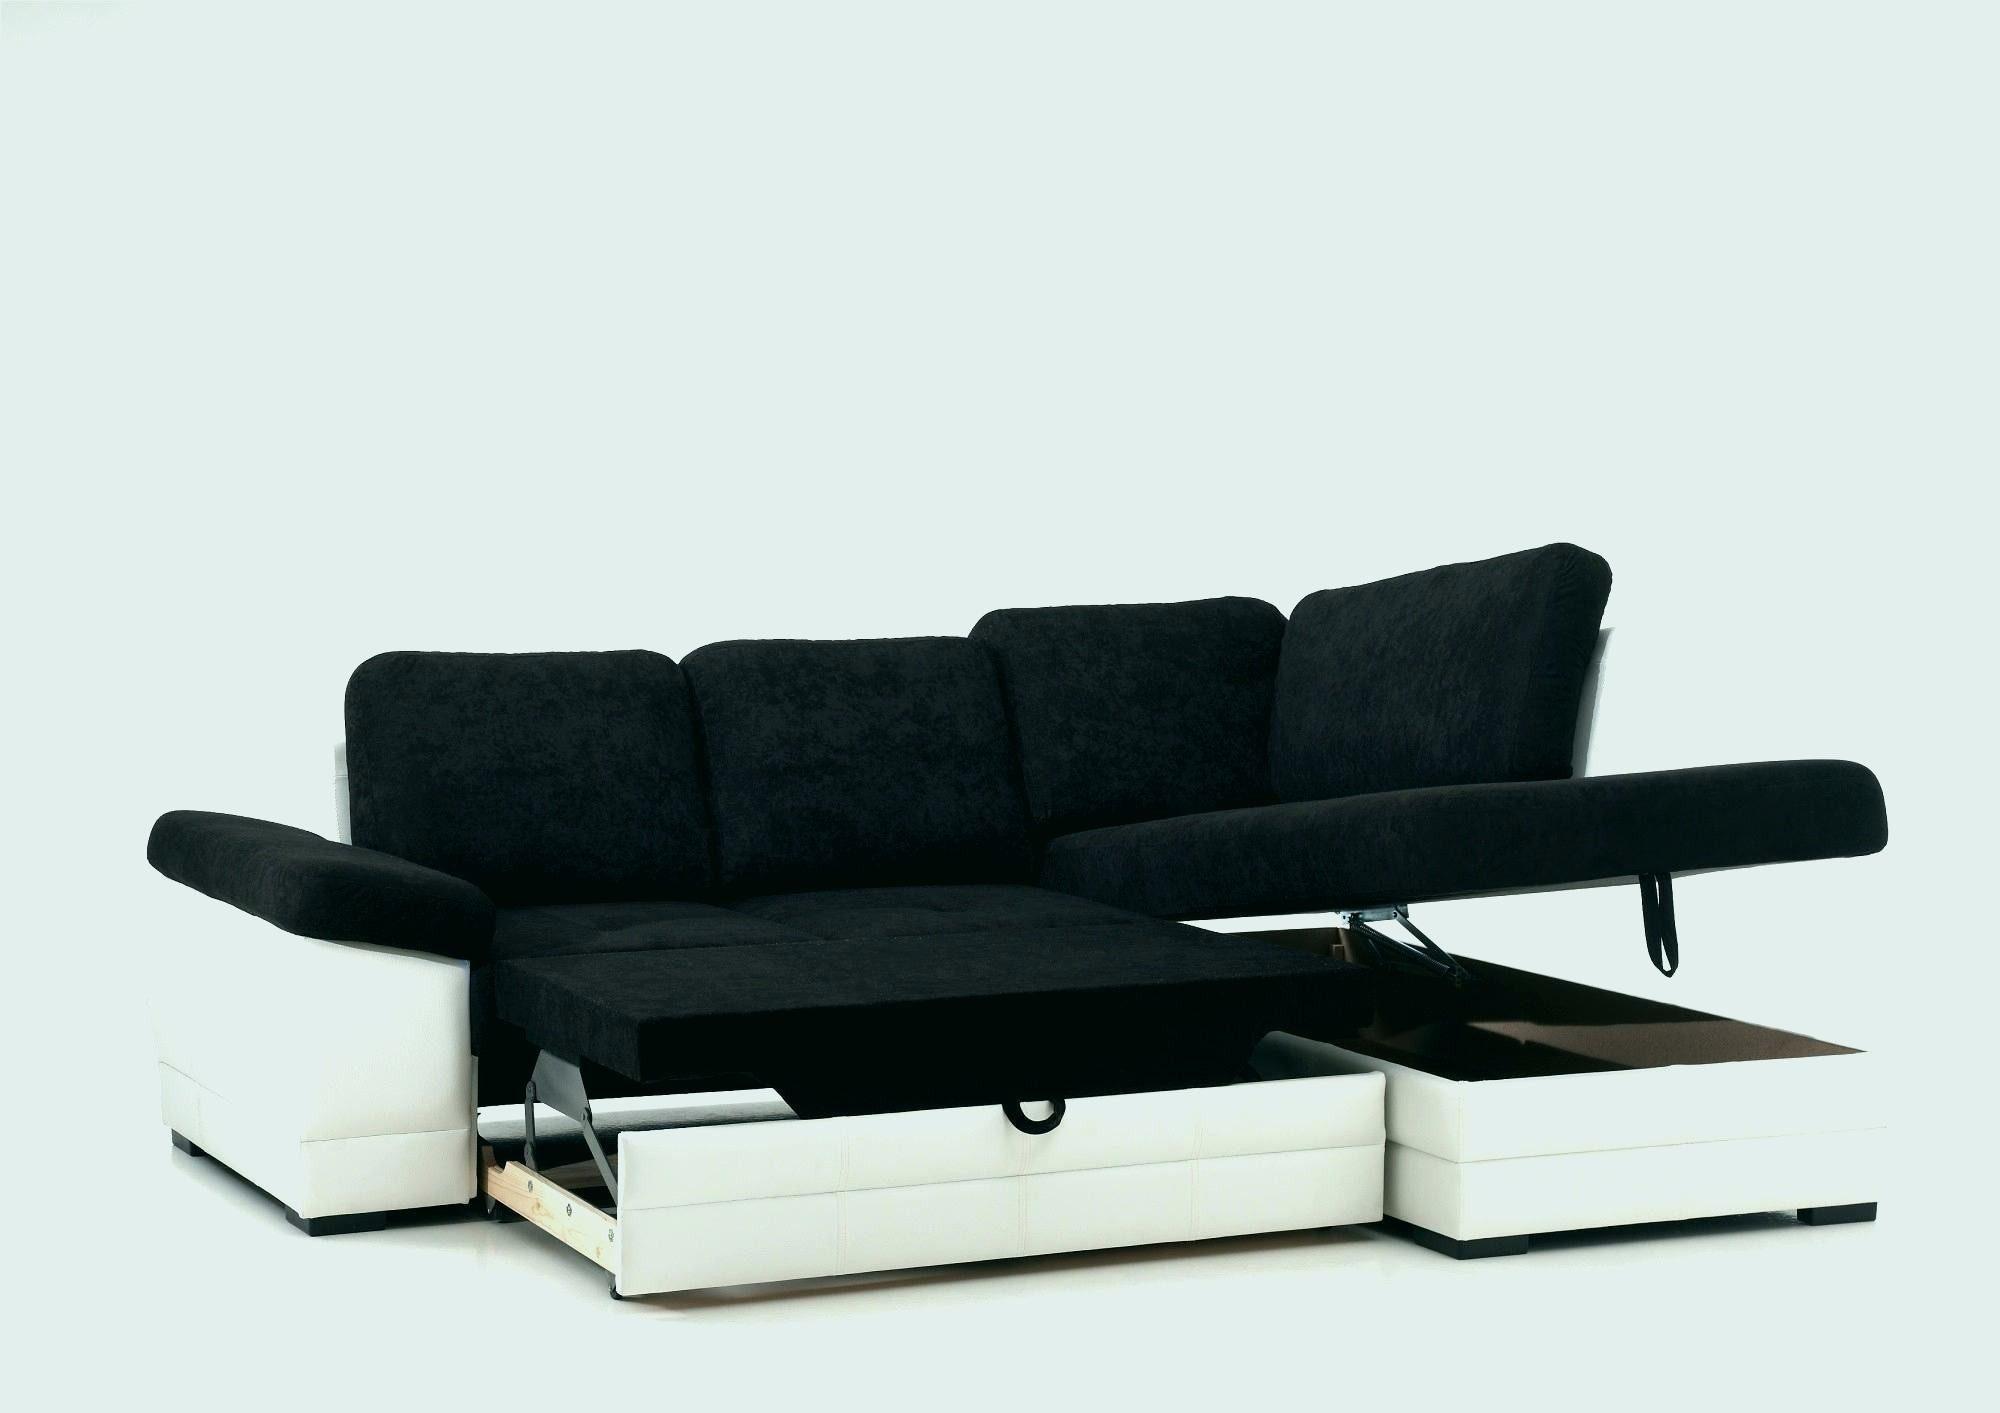 Canapé Lit Couchage Quotidien Génial Quel Canapé Convertible Pour Couchage Quoti N Achat Canape Lit